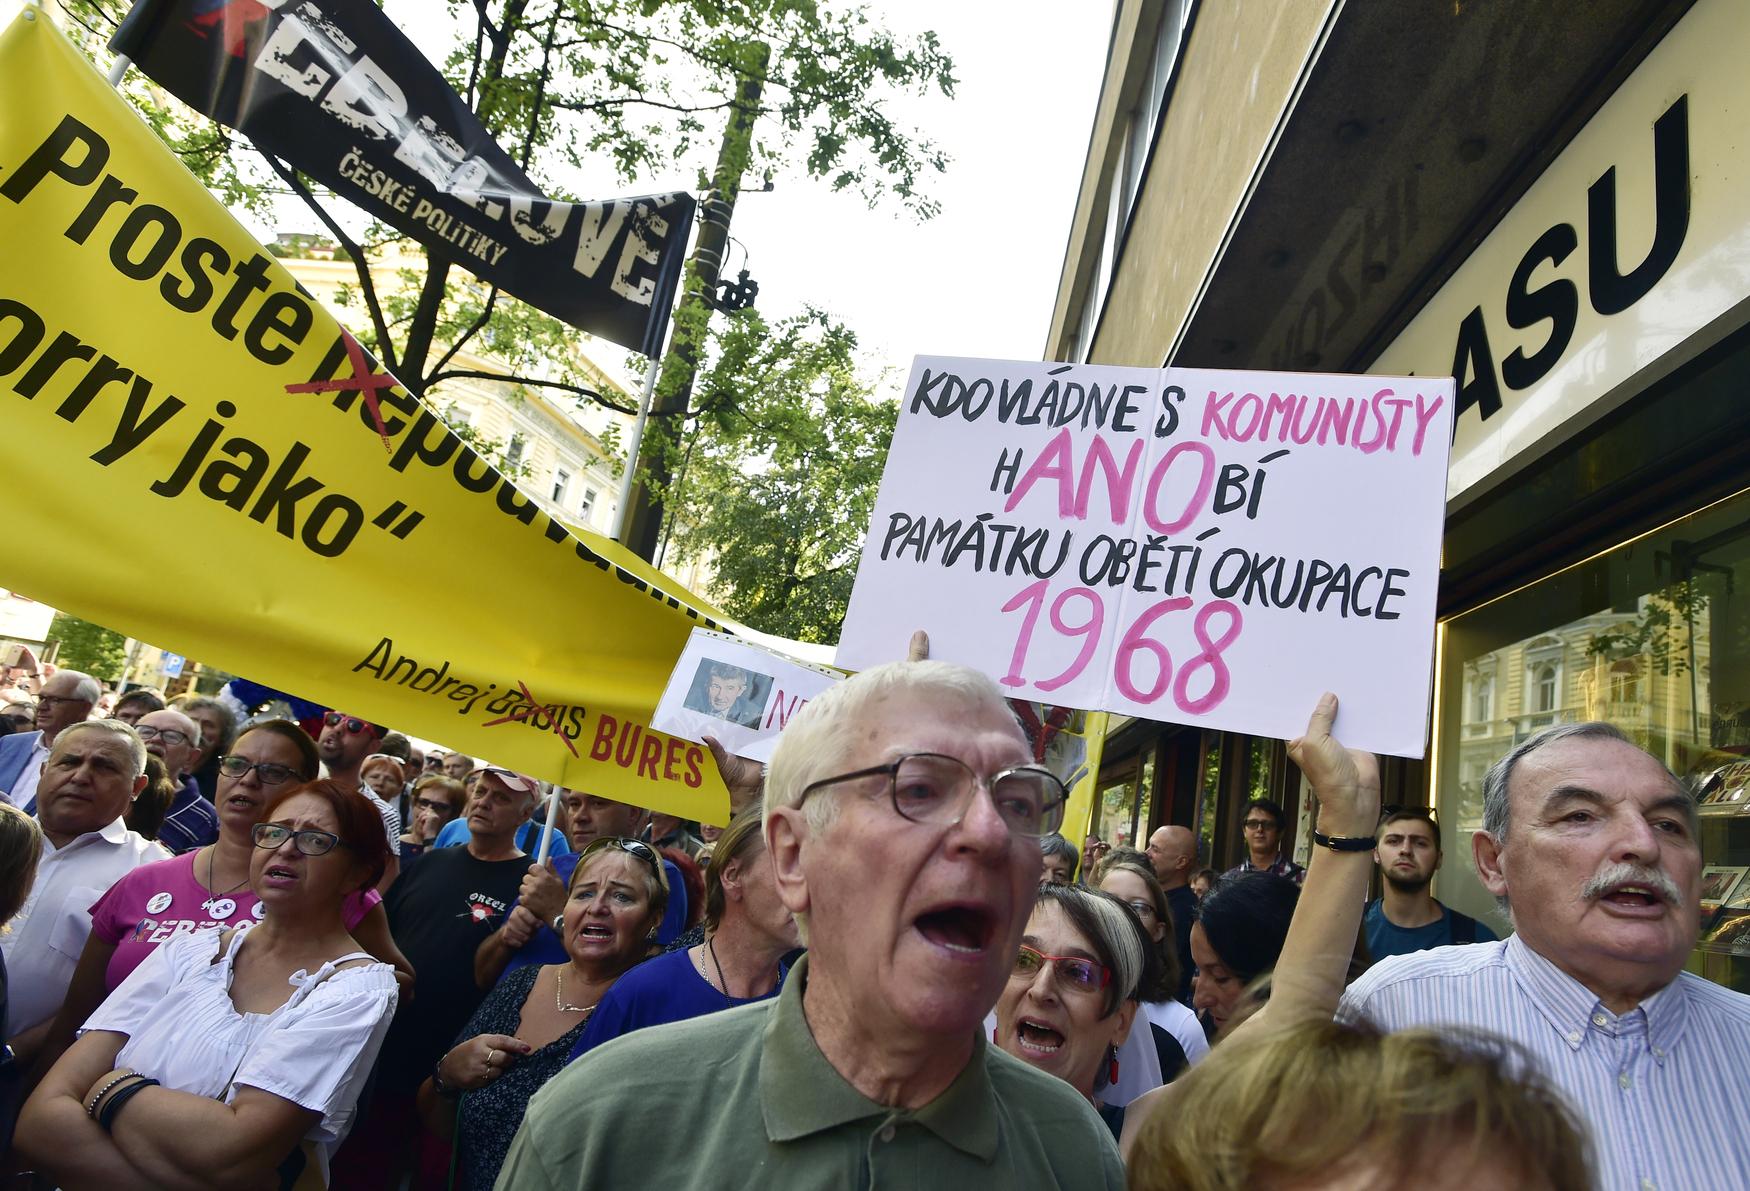 Lidé demonstrují před budovou Českého rozhlasu proti premiéru Andreji Babišovi, který sem 21. srpna 2018 přišel s předsedou Senátu Milanem Štěchem uctít památku padlých v srpnu 1968.